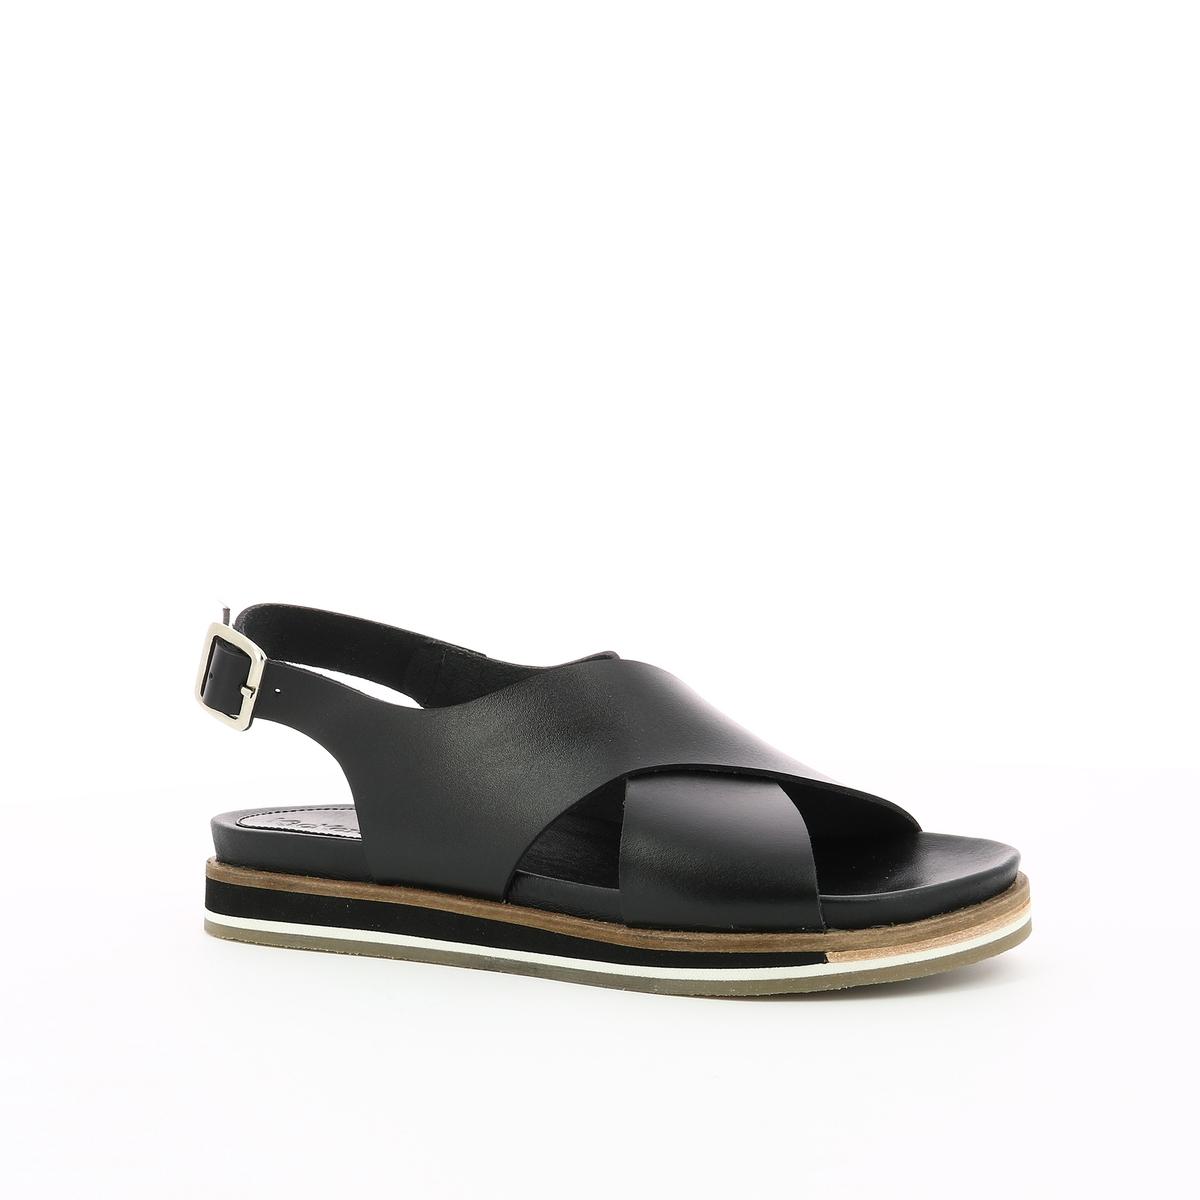 Imagen adicional 2 de producto de Sandalias de piel Océanie - Kickers